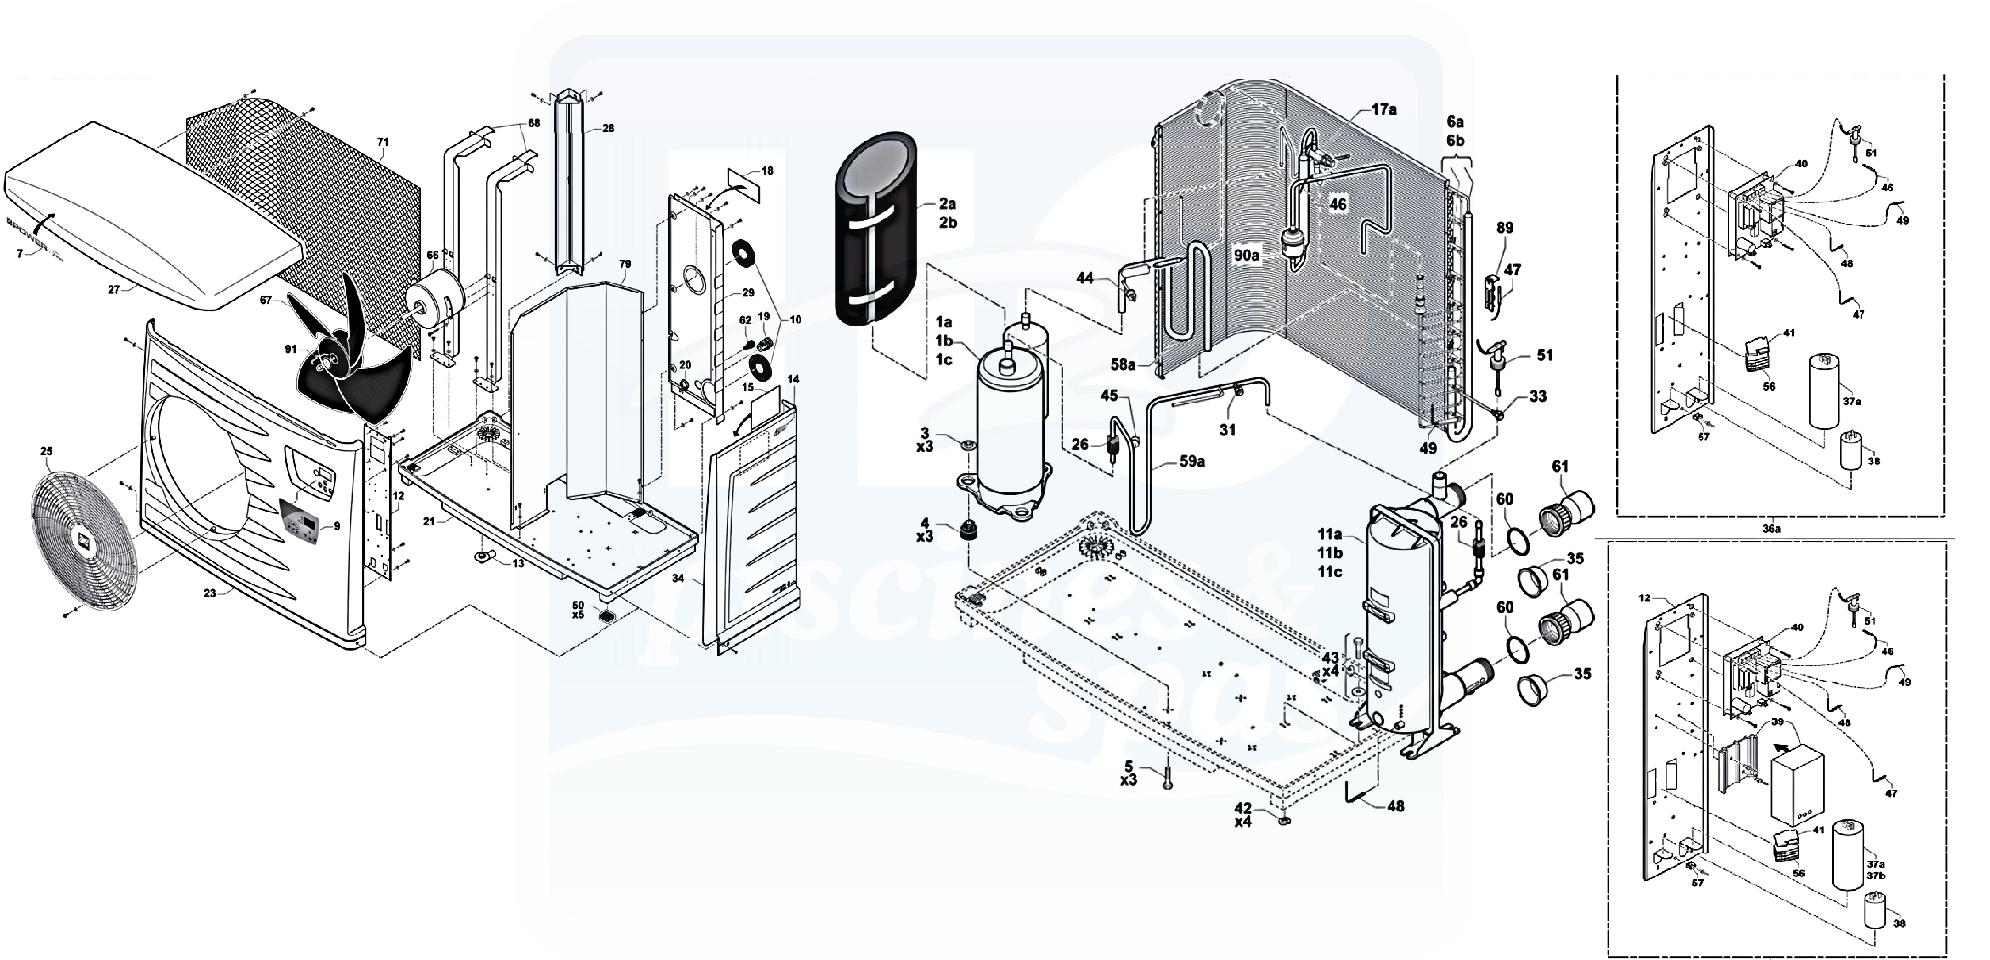 H2o piscines spas pices dtaches pompes chaleur for Capteur de chaleur